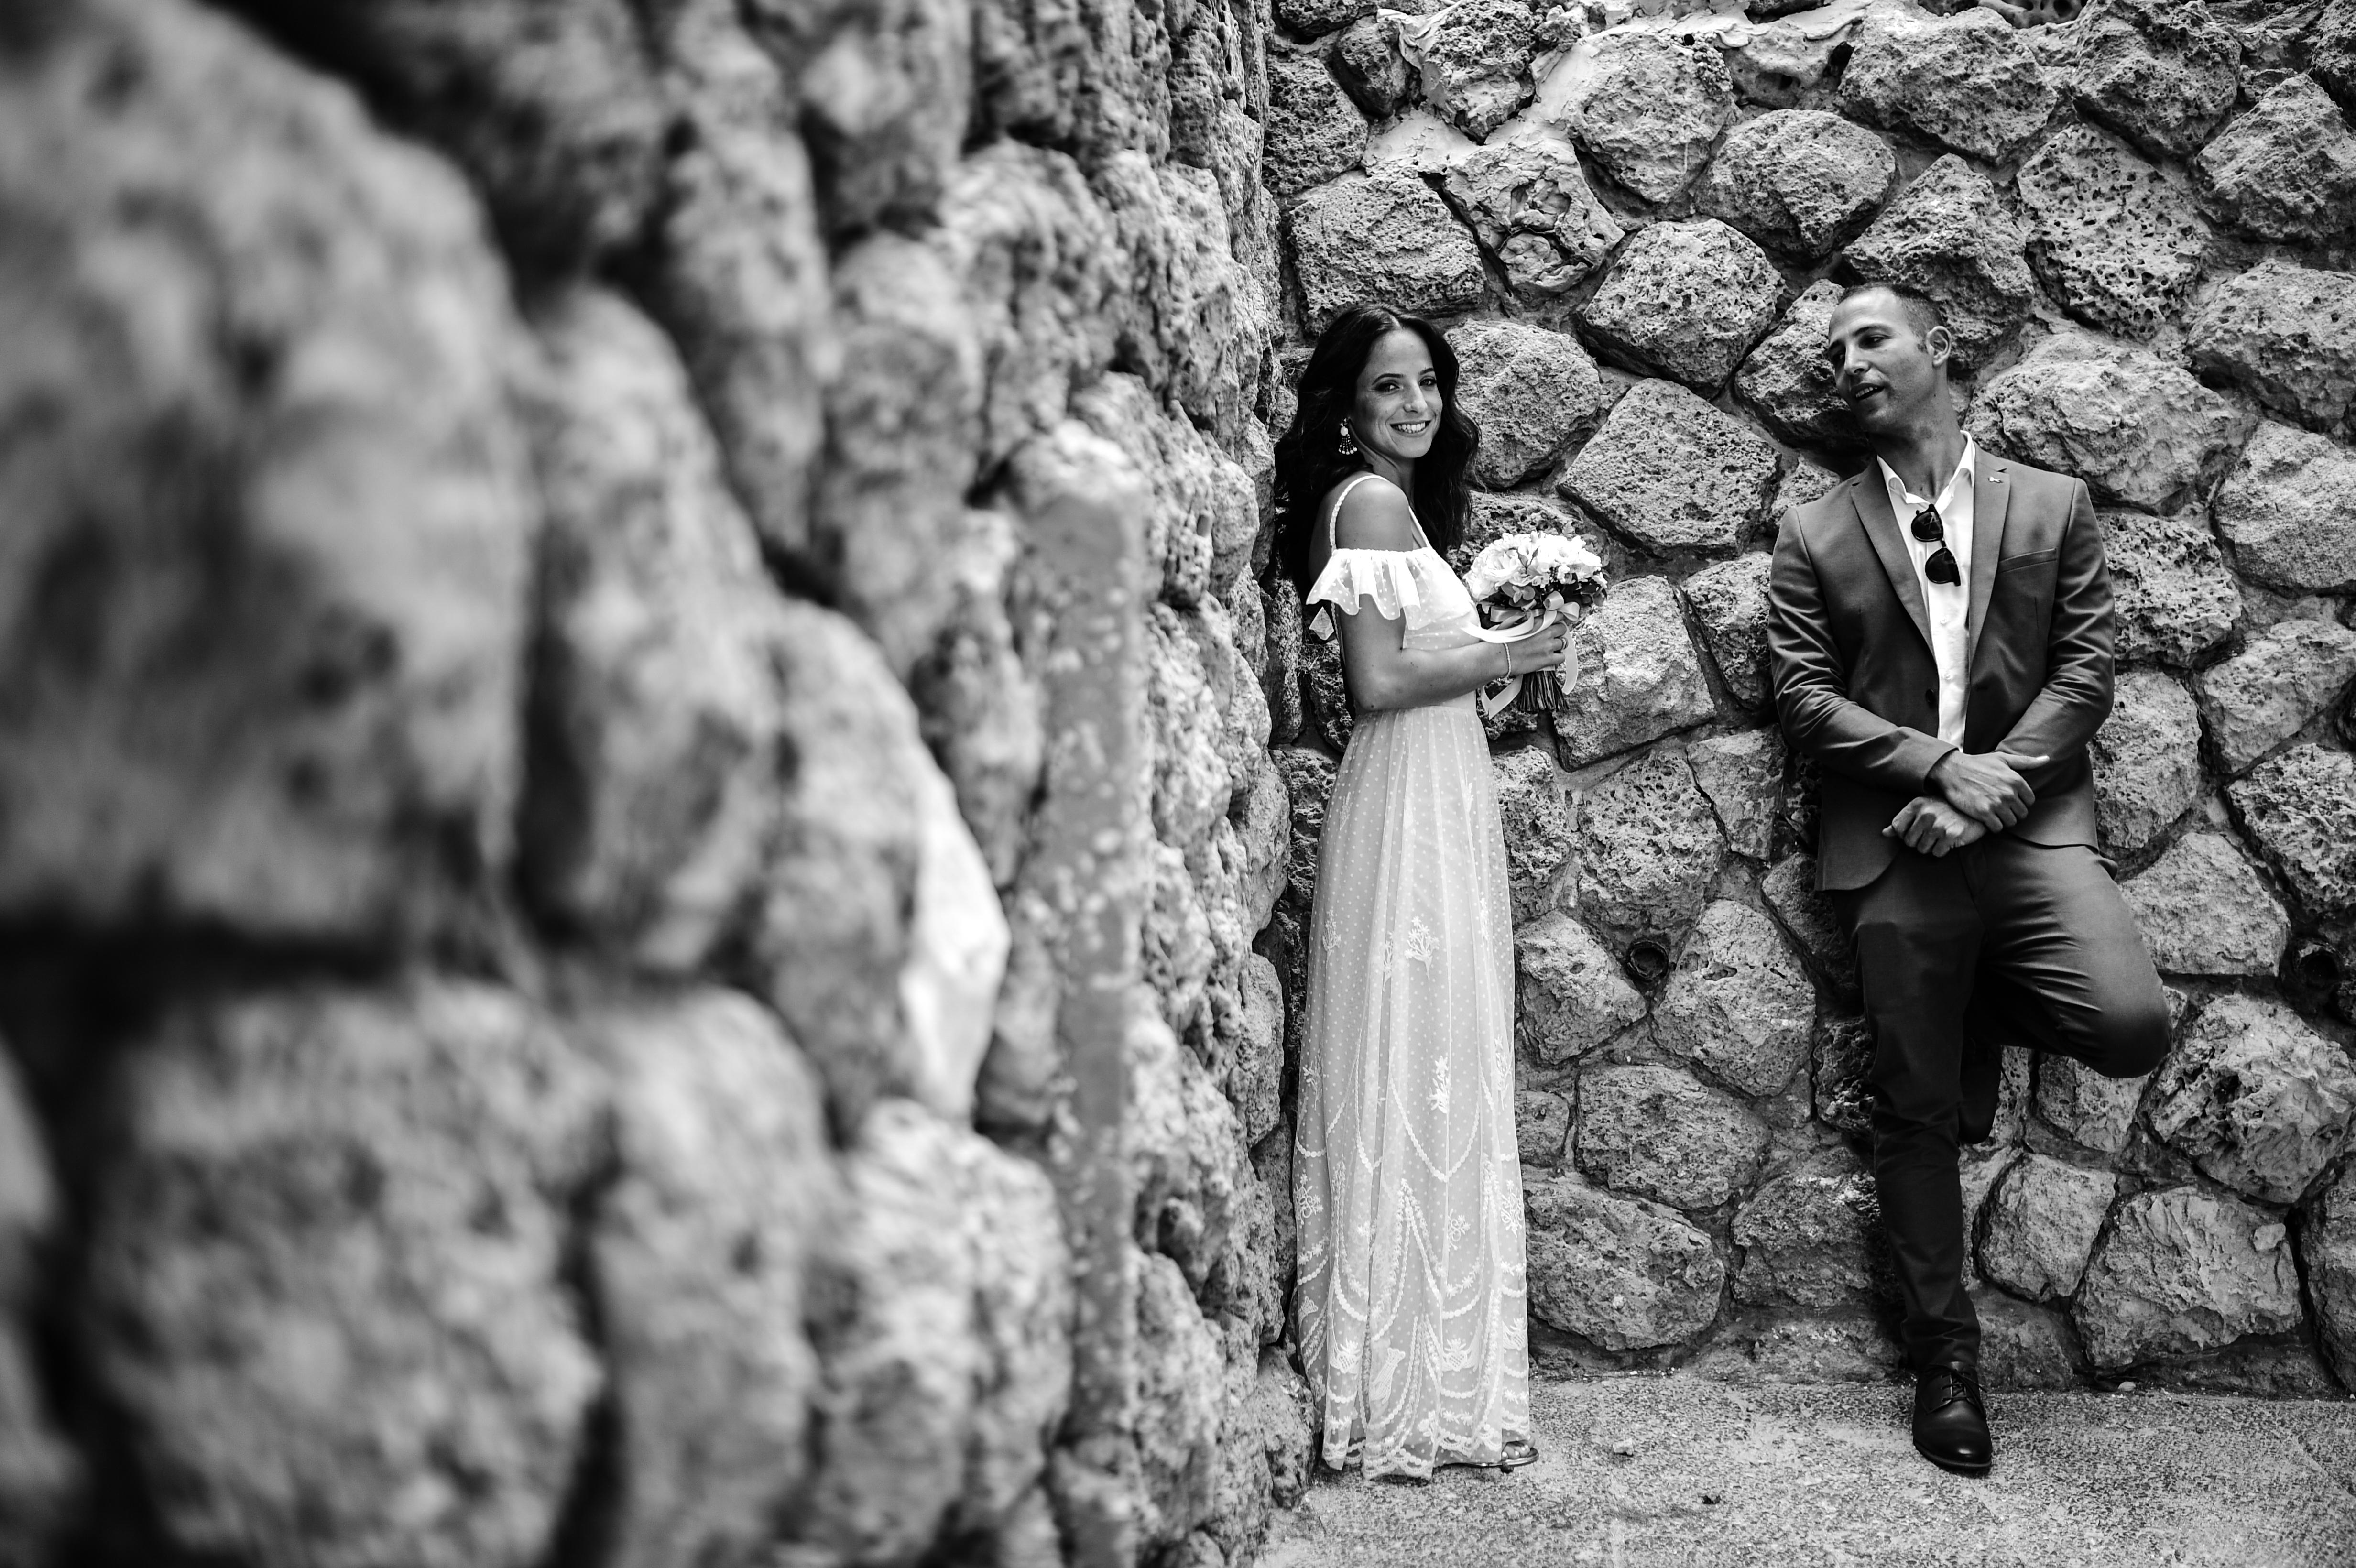 תמונה, סיפור החתונה של יודפת ובן